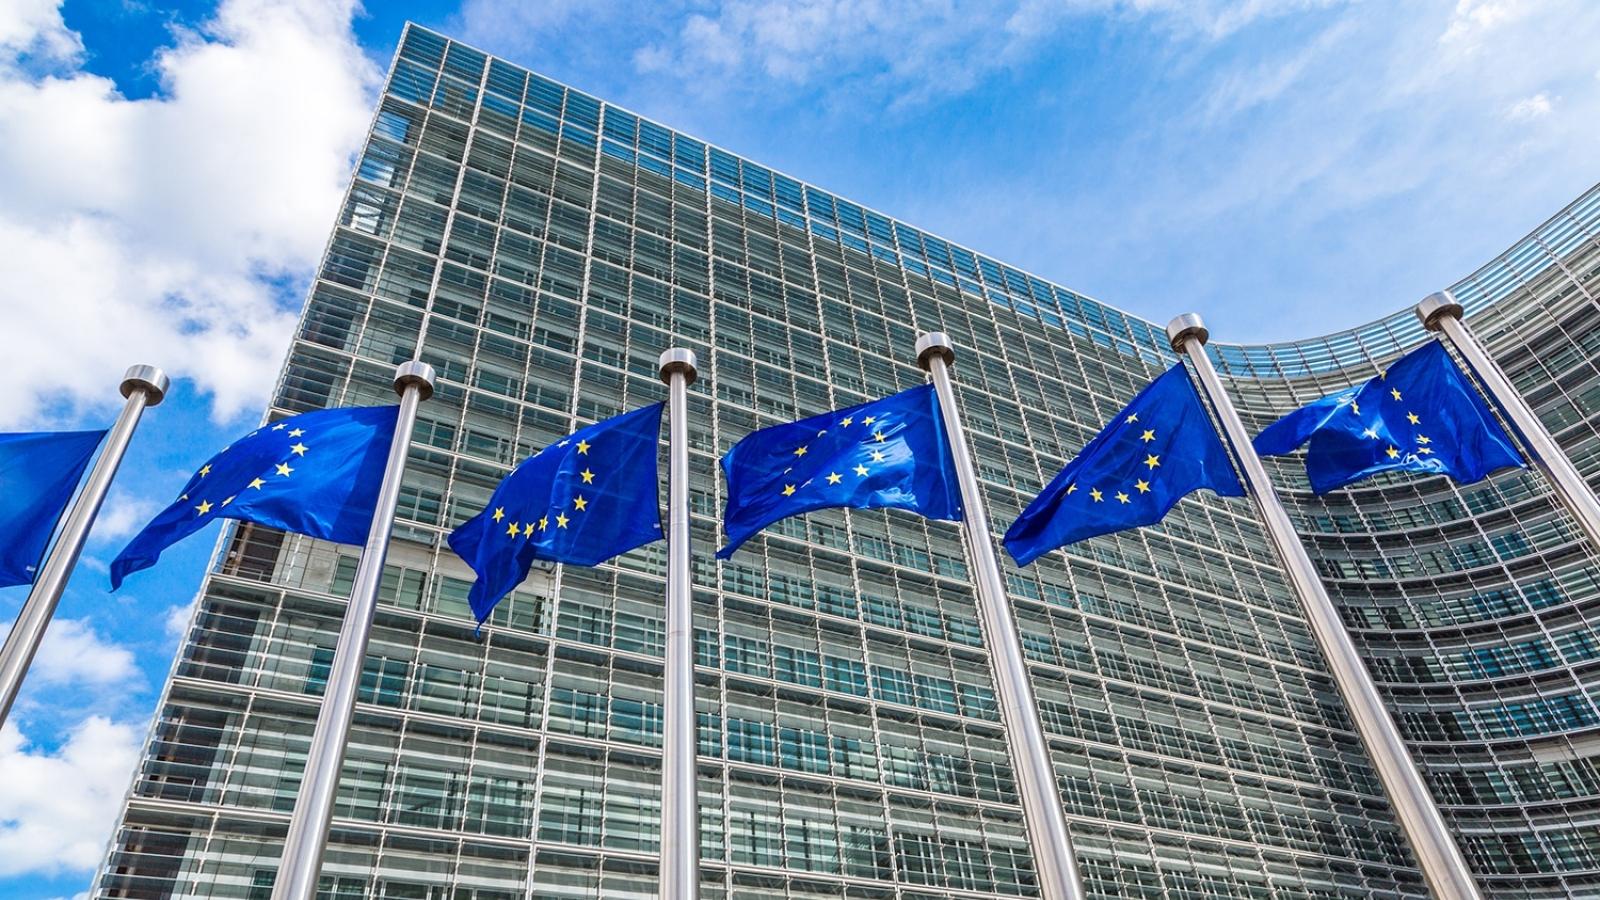 Hội nghị Thượng đỉnh EU tìm tiếng nói chung về kế hoạch ngân sách 2021